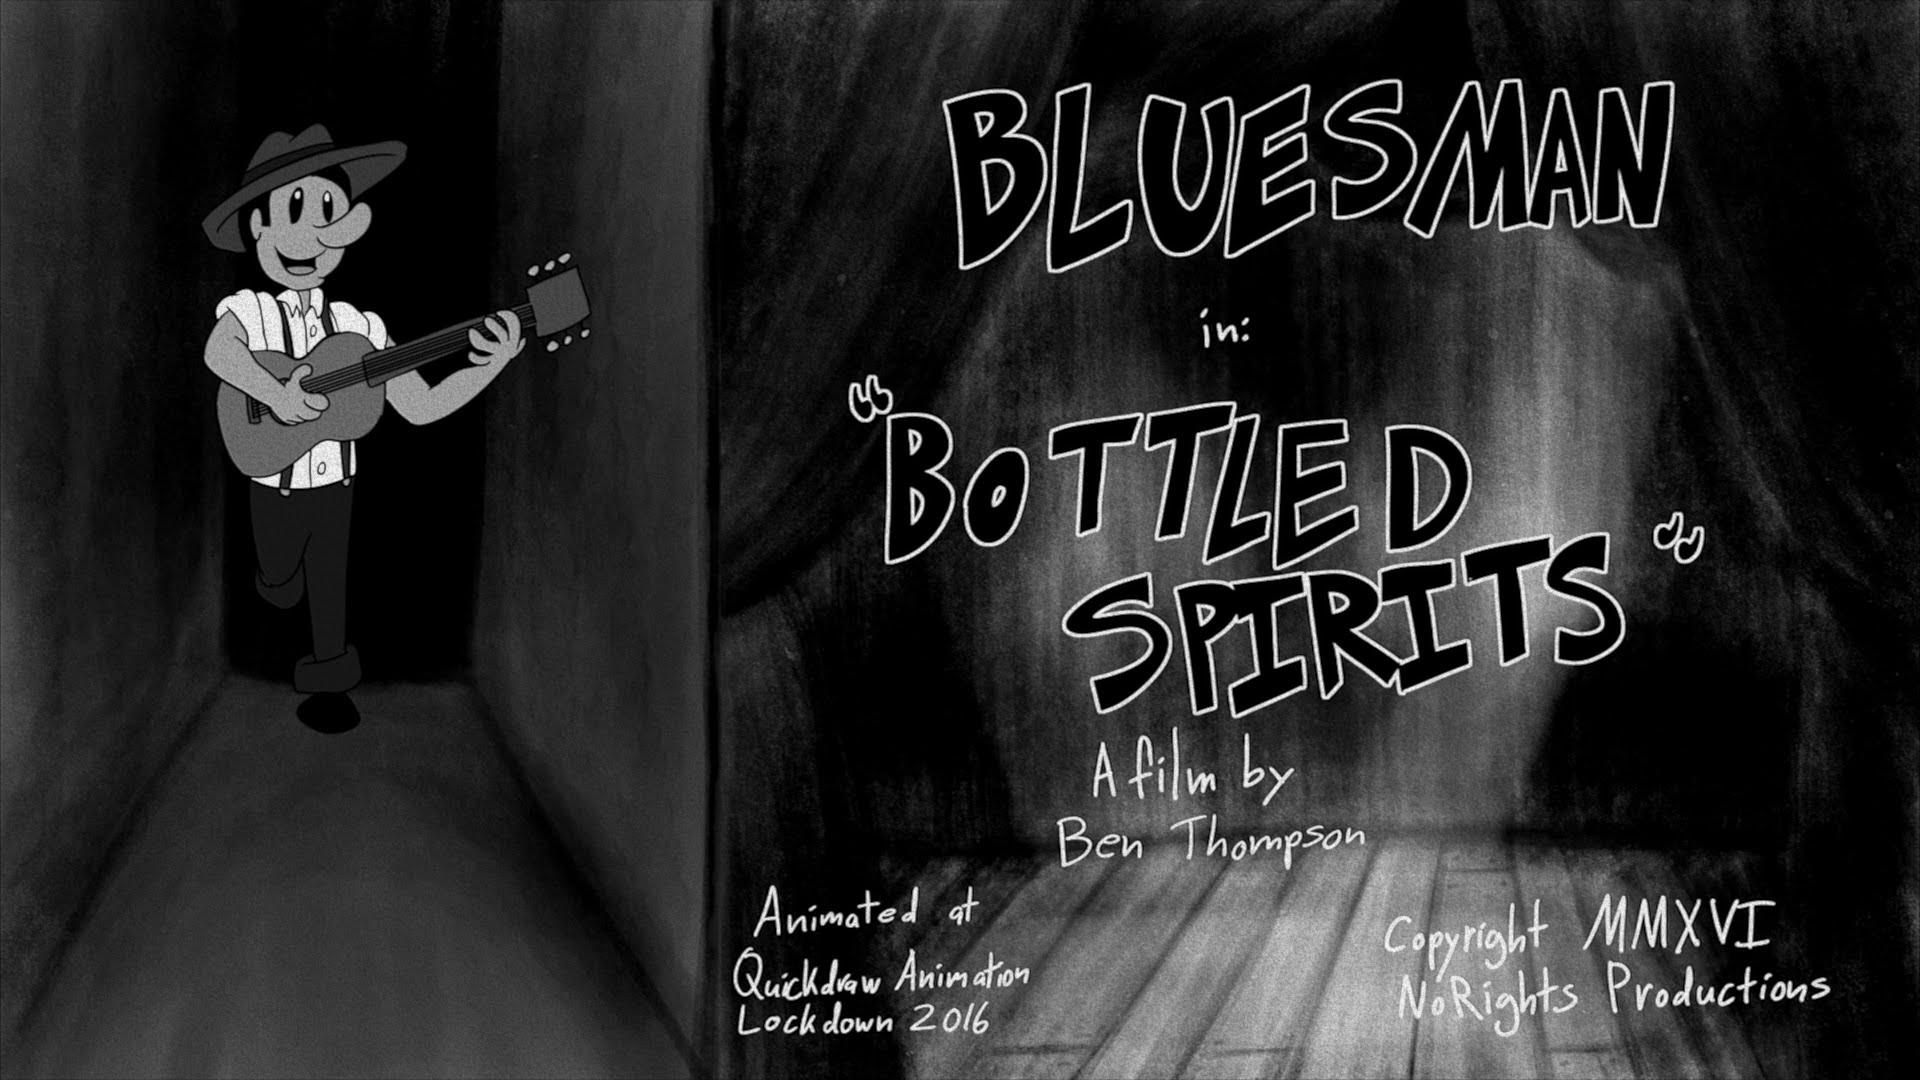 Bottled Spirits